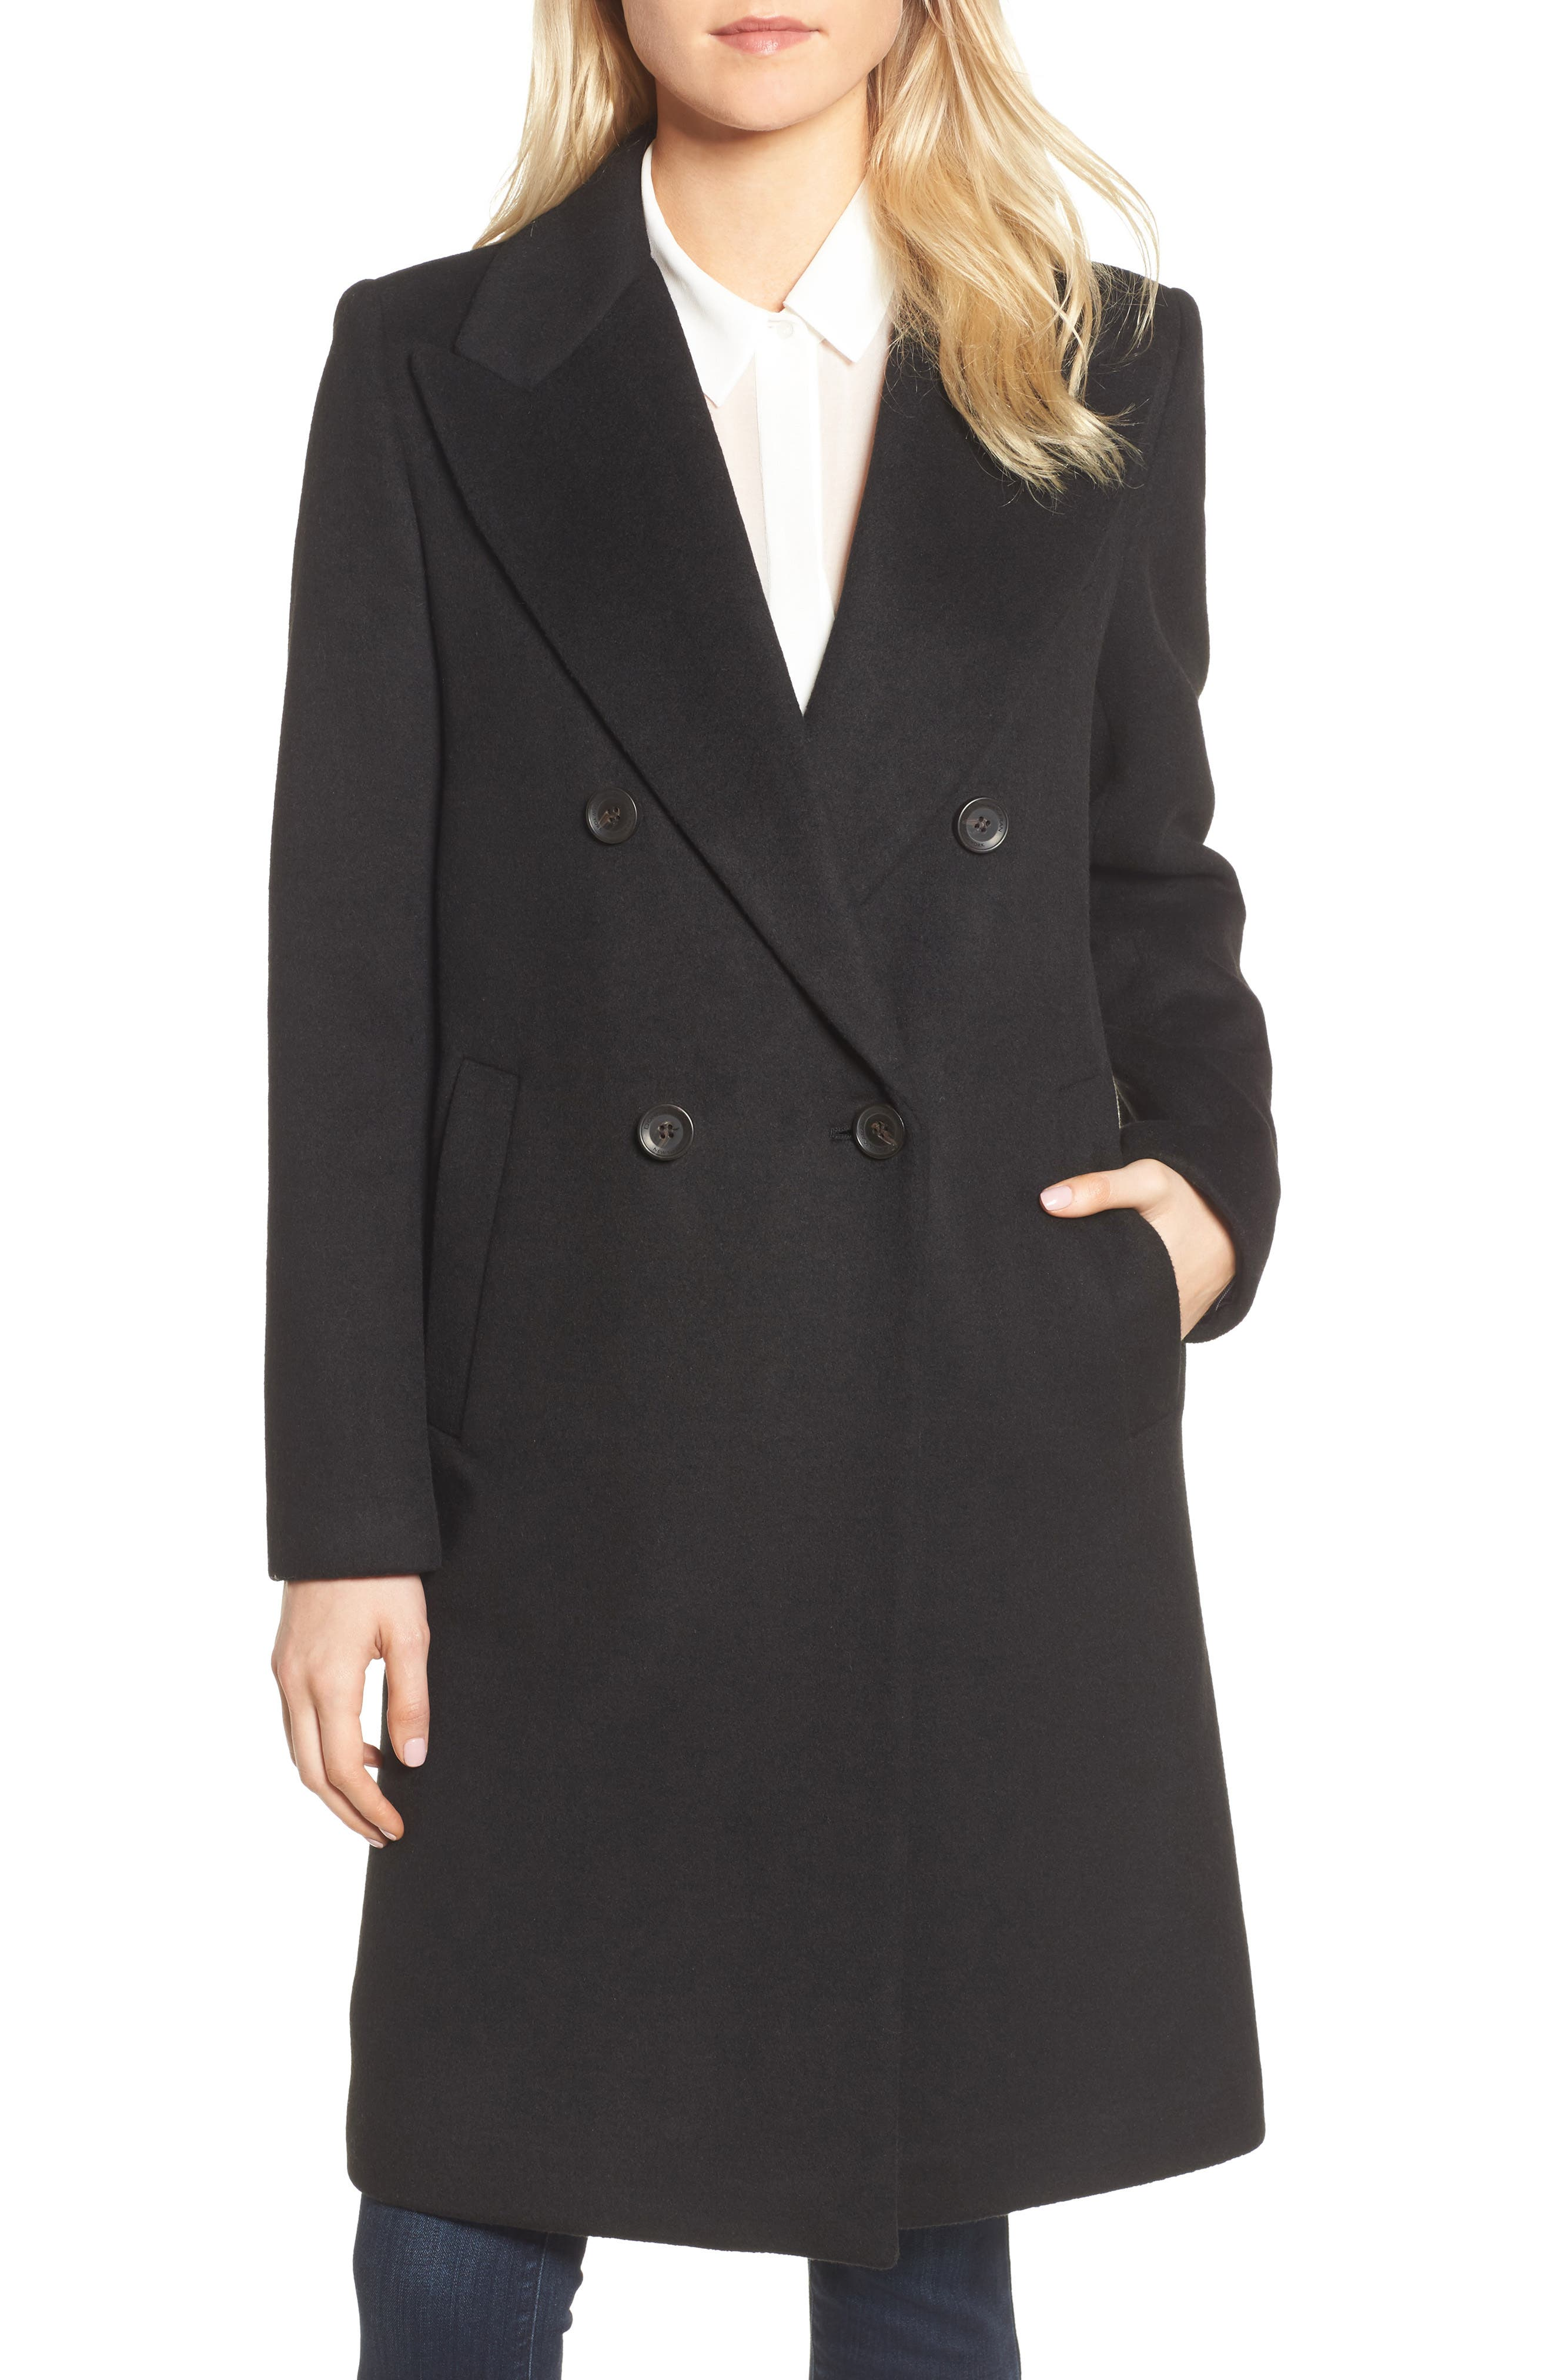 DKNY Lavish Wool Blend Coat,                             Main thumbnail 1, color,                             Black